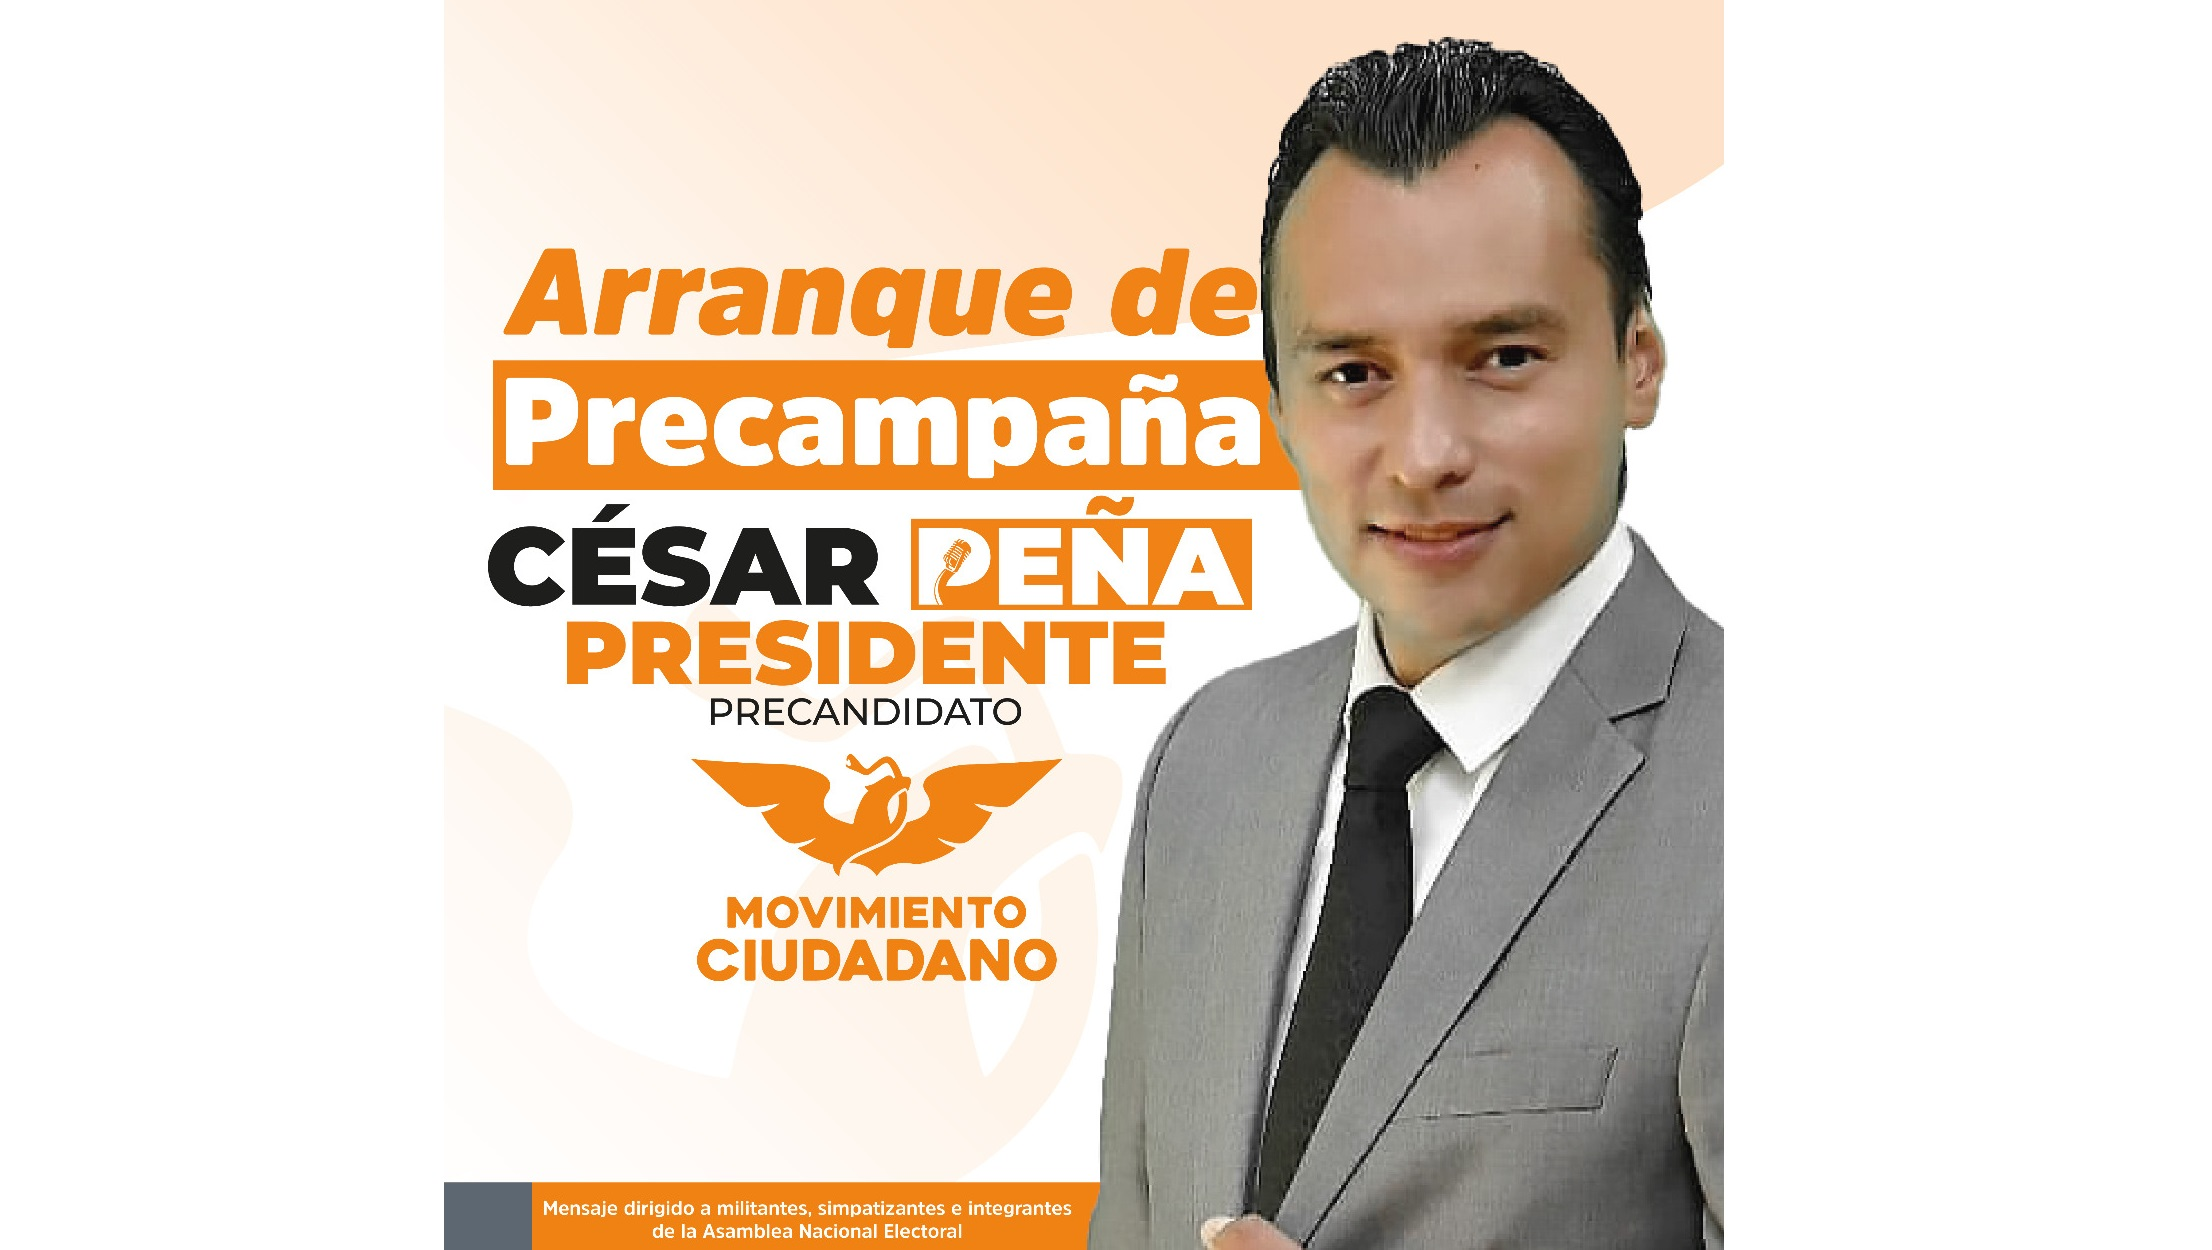 Este domingo arranca César Peña la precampaña por la alcaldía de Parral